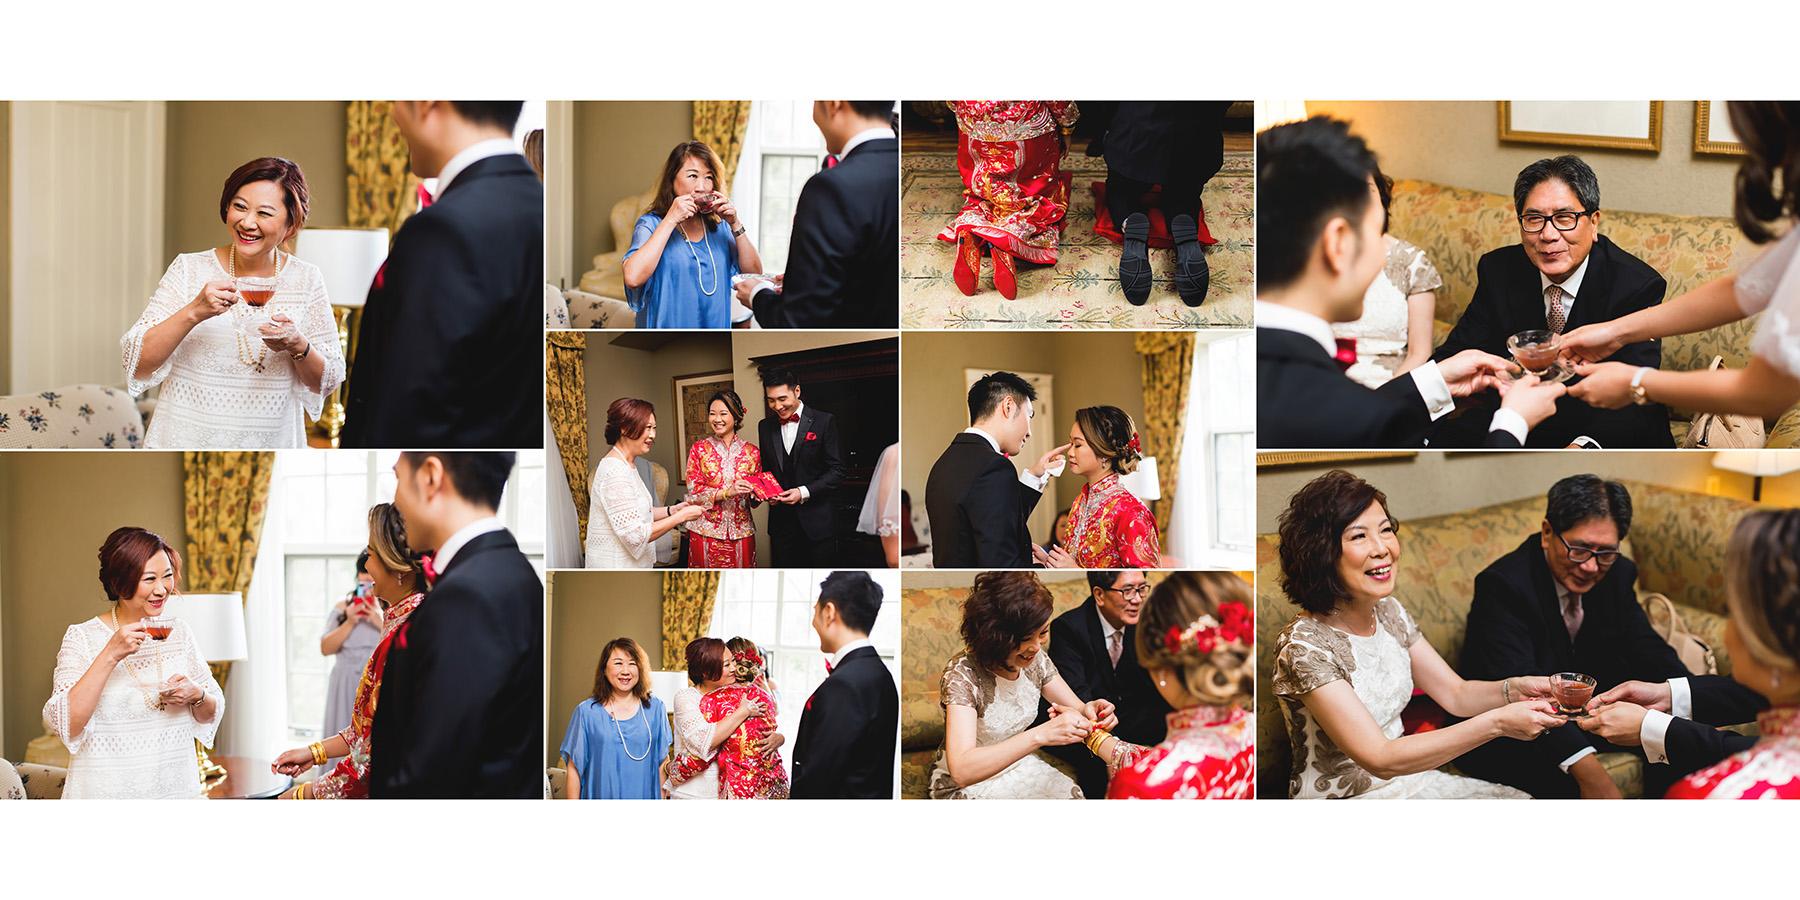 Tiffany_+_Matthew_-_Wedding_Album_04.jpg